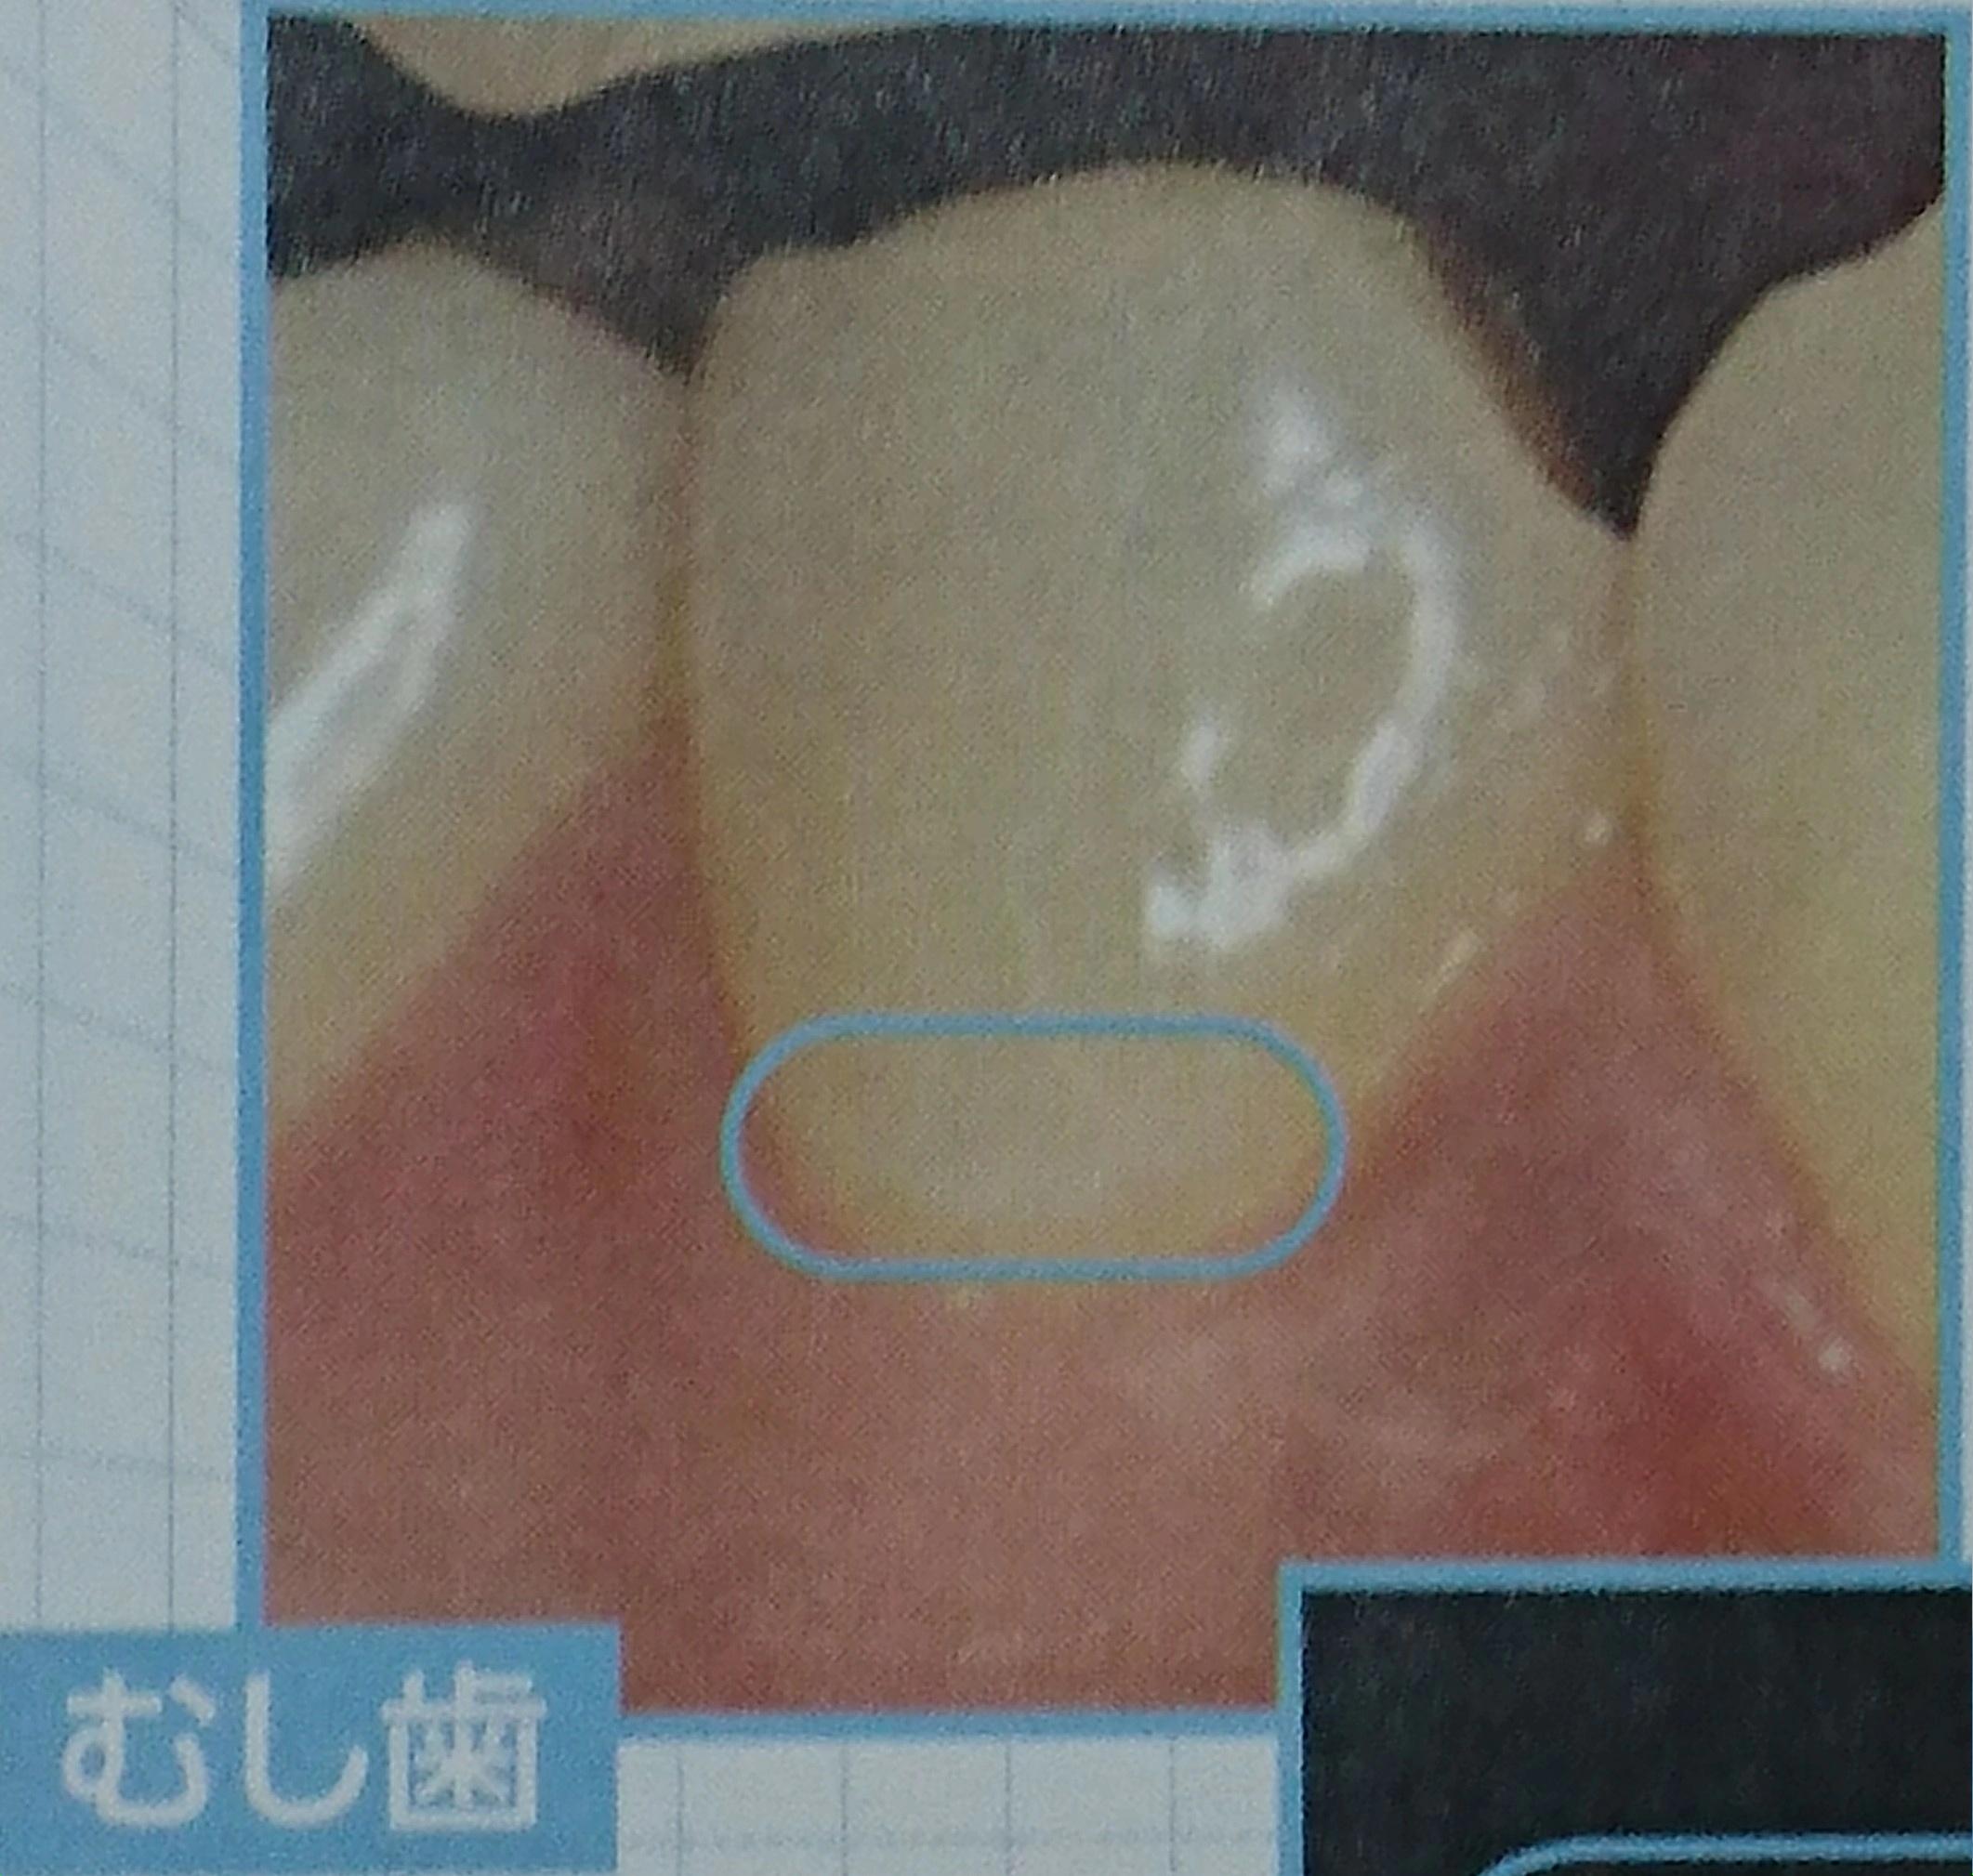 歯が溶ける 虫歯